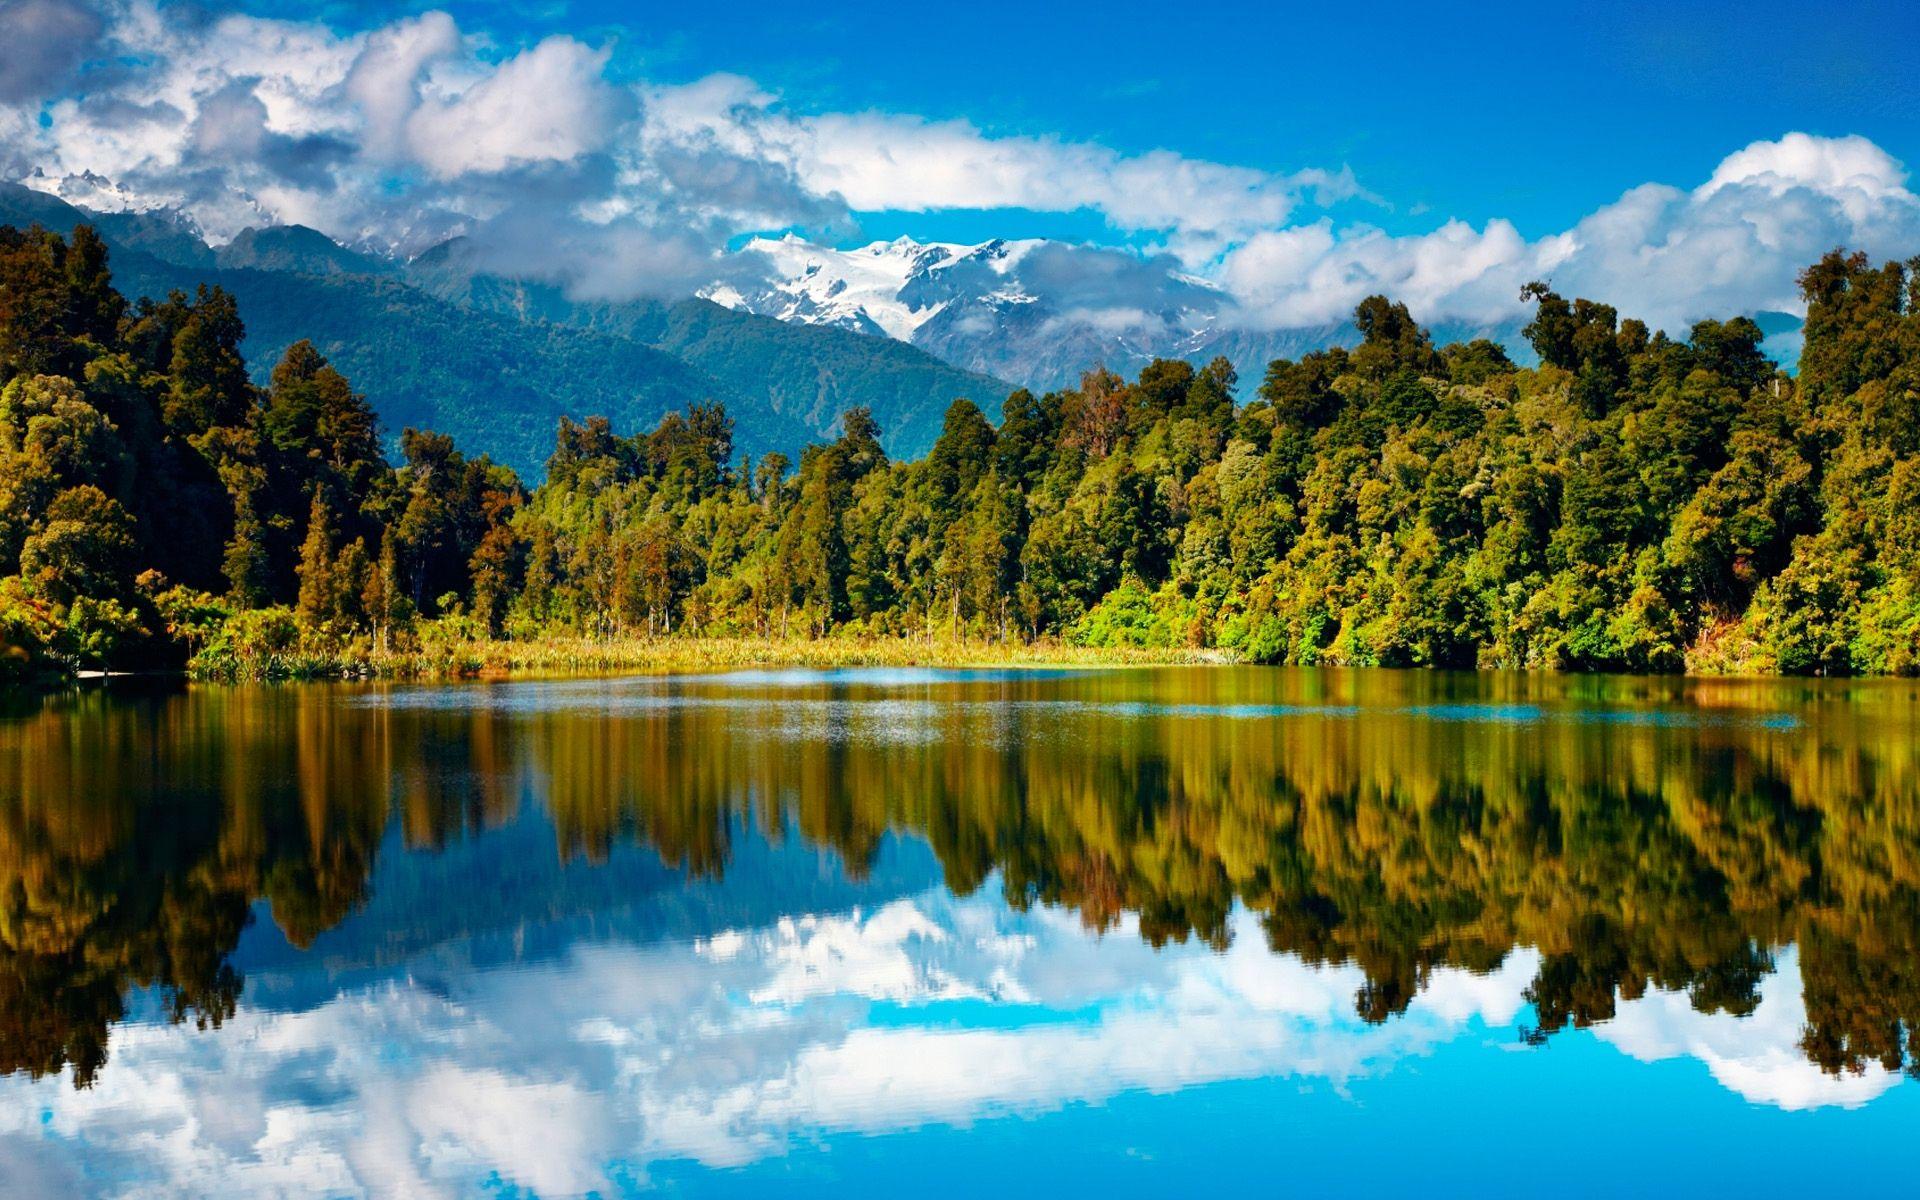 amazing lake scenery widescreen wallpaper HD dsktop laptop